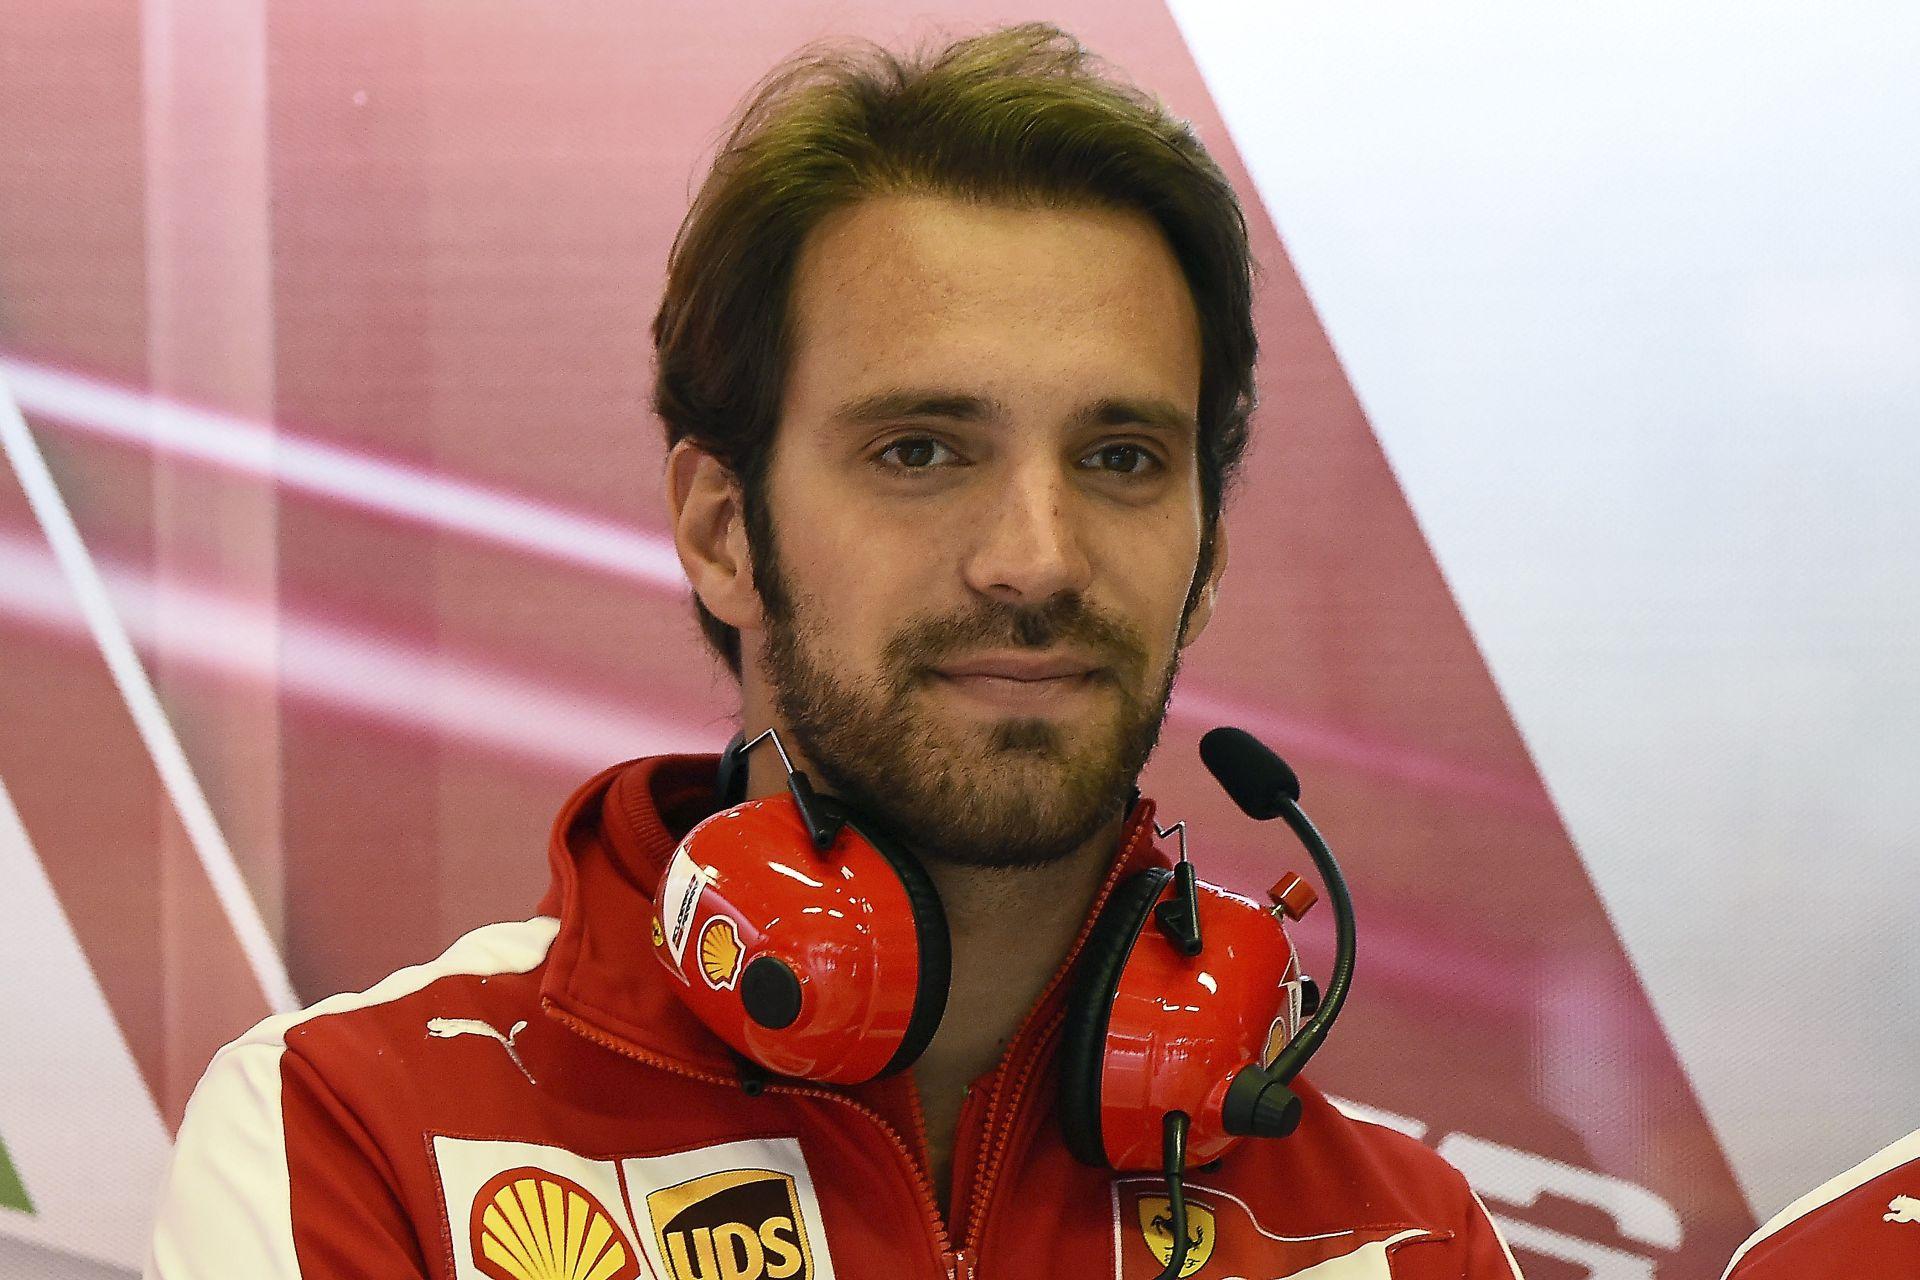 Gutierrez távozik a Ferraritól, Vergne veheti át a helyét!